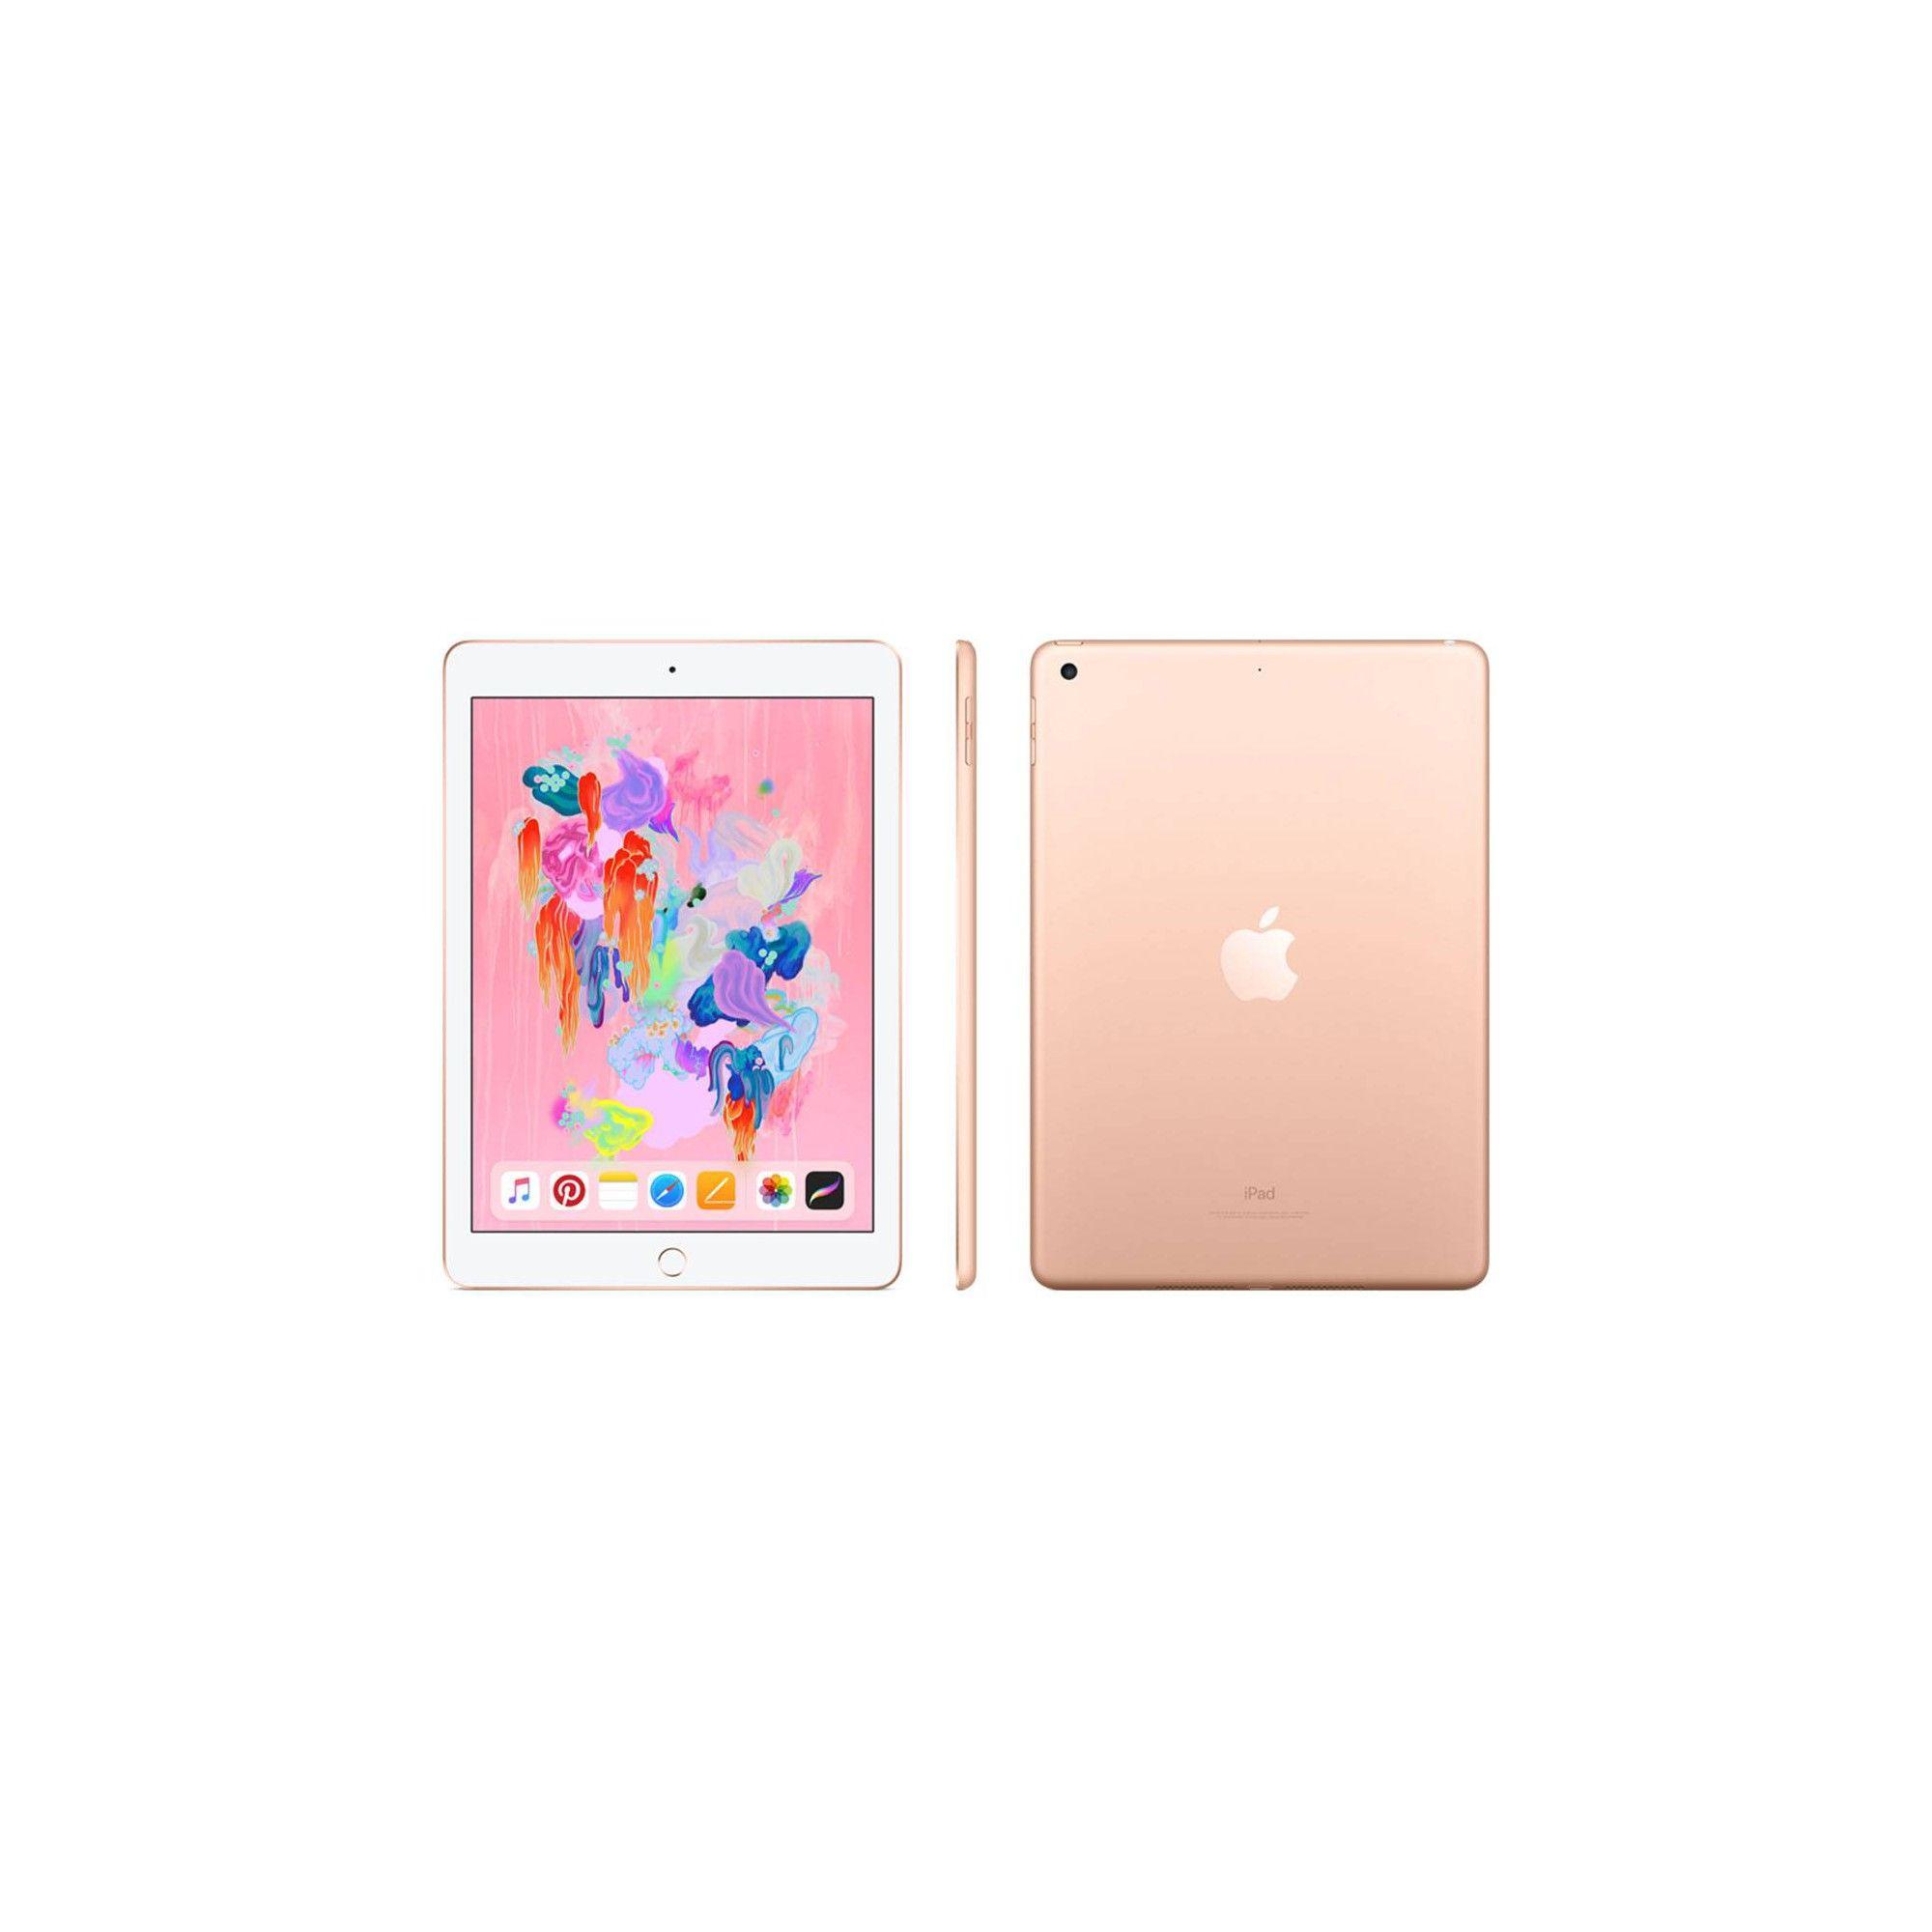 Apple Ipad 9 7 Inch 128gb Wi Fi Only 2018 Model 6th Generation Mrjp2ll A Gold Apple Ipad Ipad Retina Display